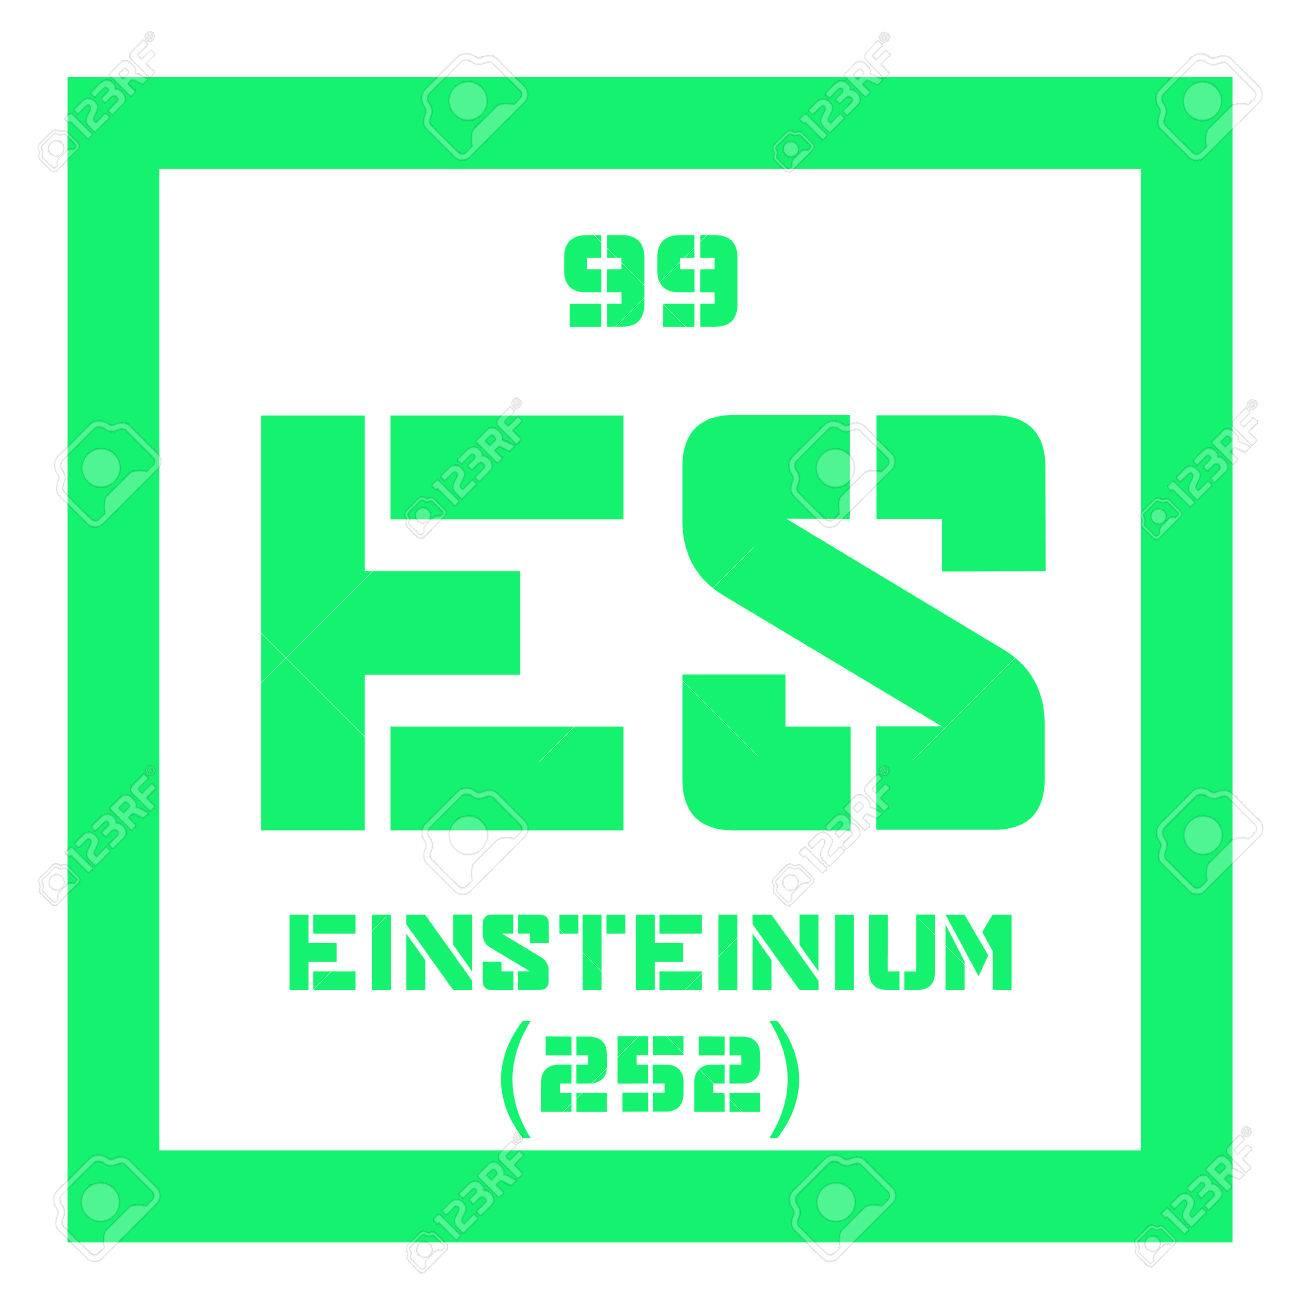 Einstenio elemento qumico elemento sinttico icono de color con einstenio elemento qumico elemento sinttico icono de color con el nmero atmico y el urtaz Images